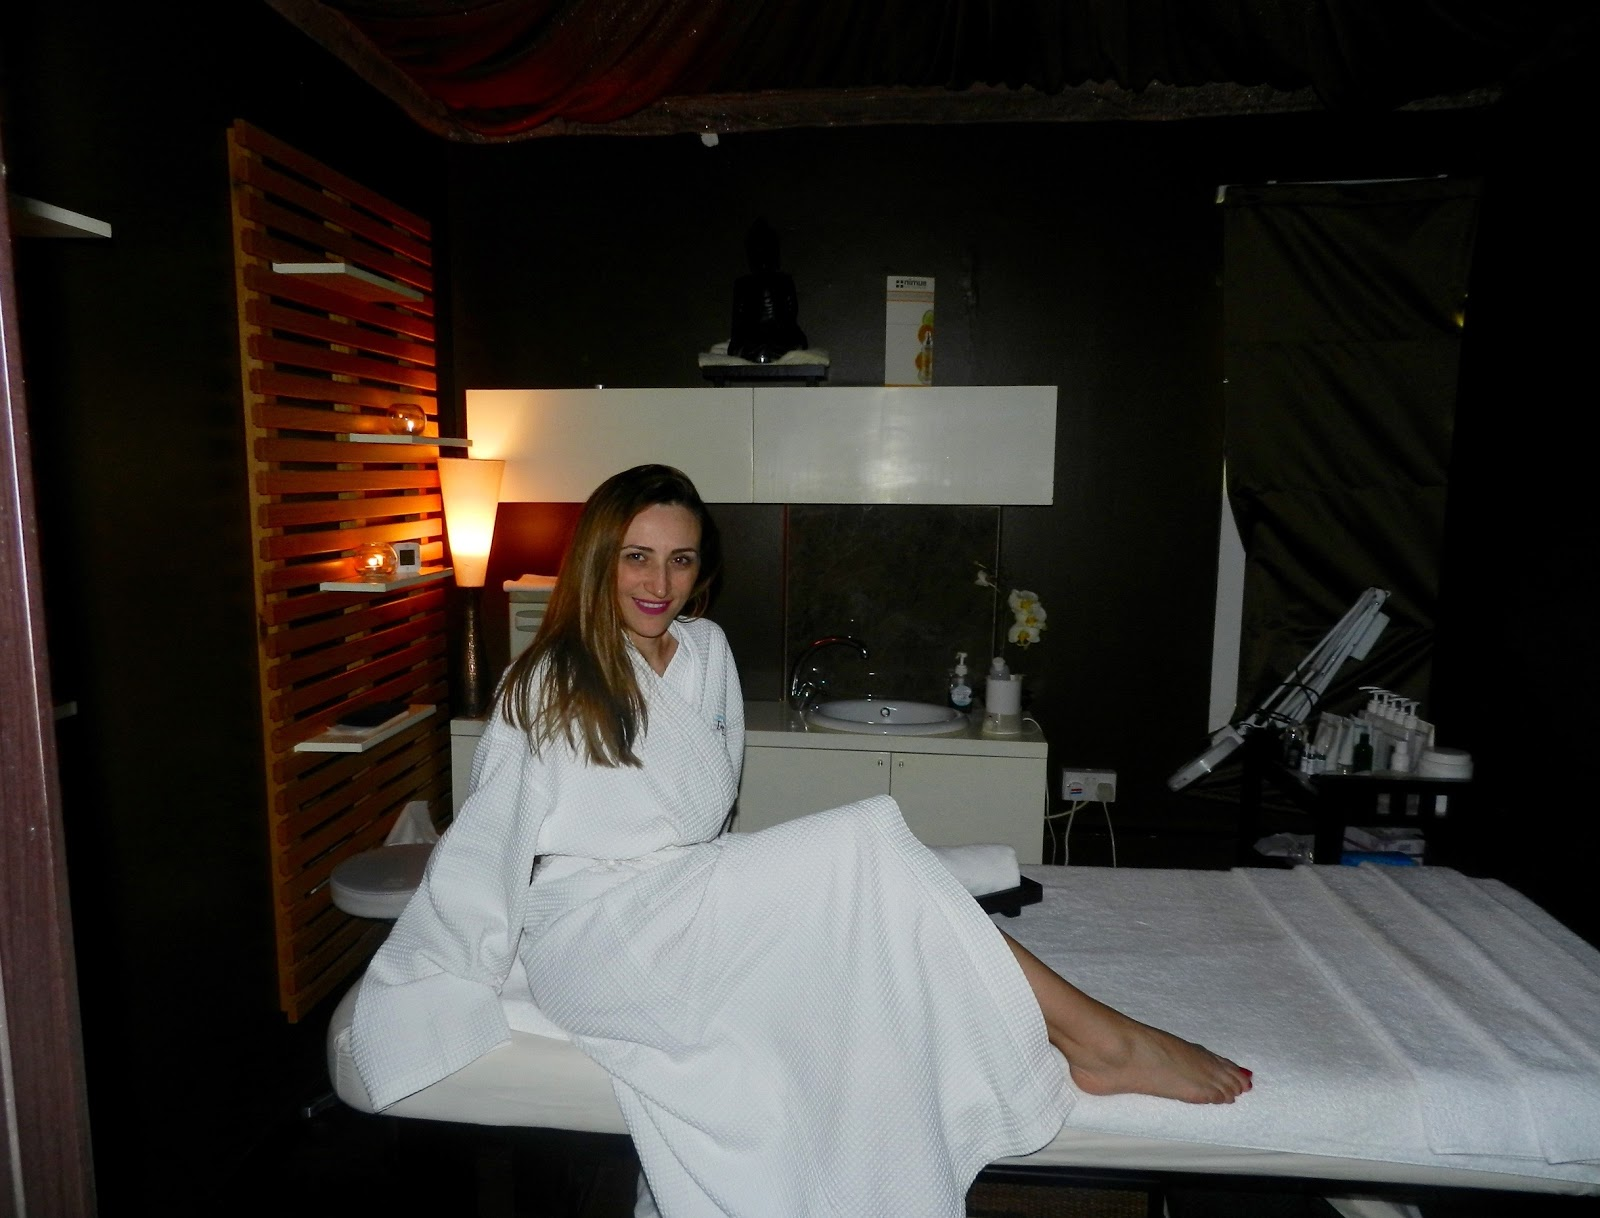 De La Mer Spa | Dubai Fashion Blog